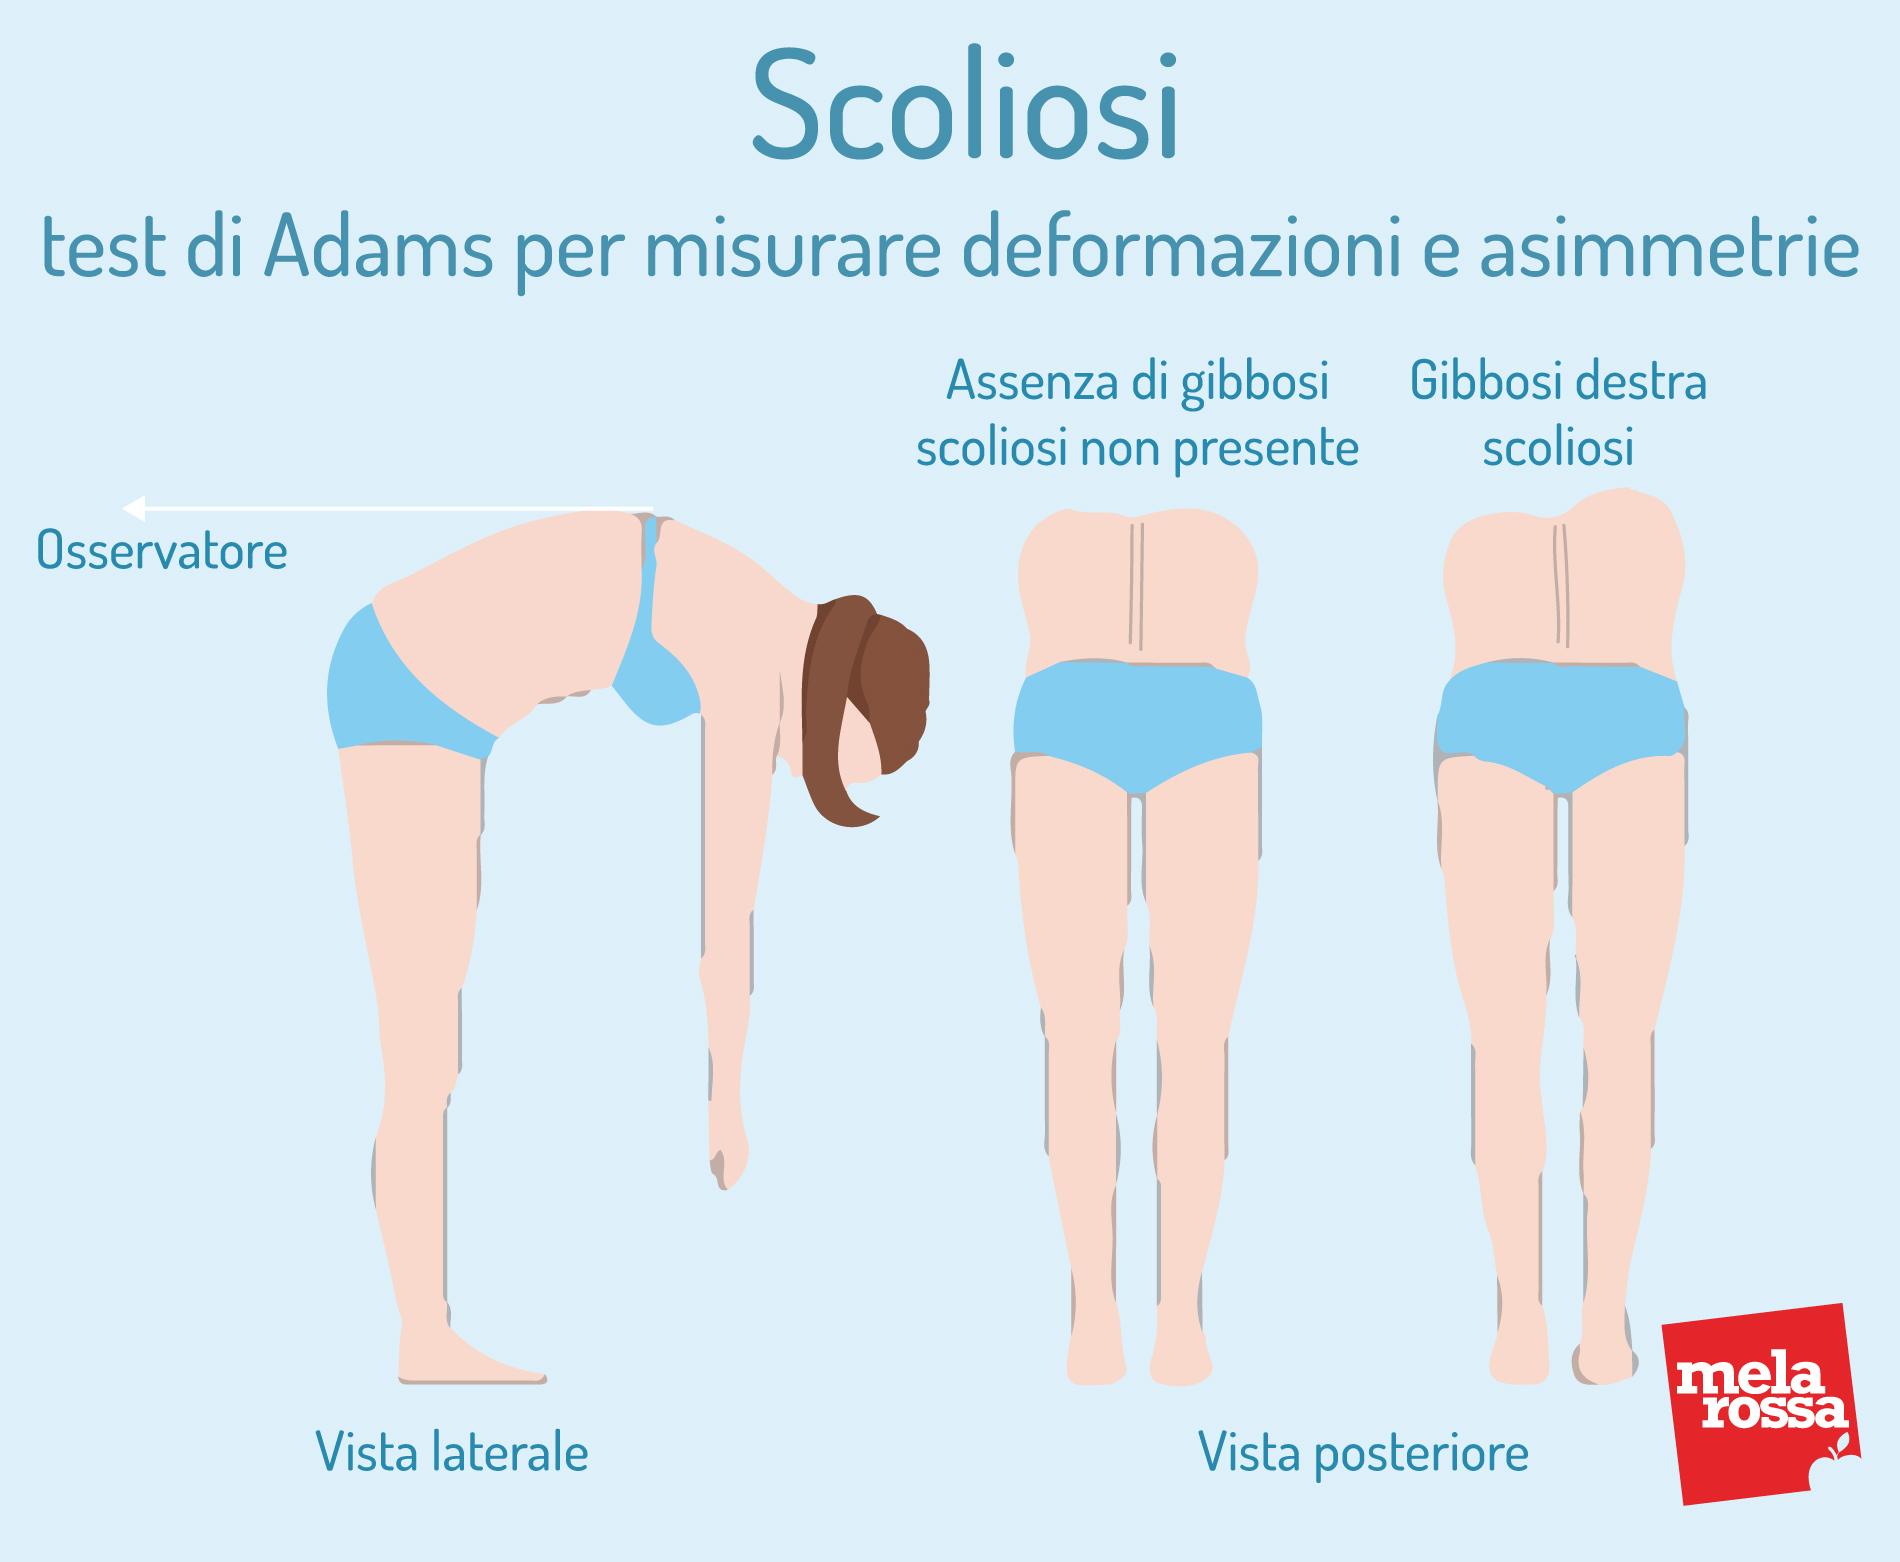 Scoliosi: test di Adams per misurare deformzioni